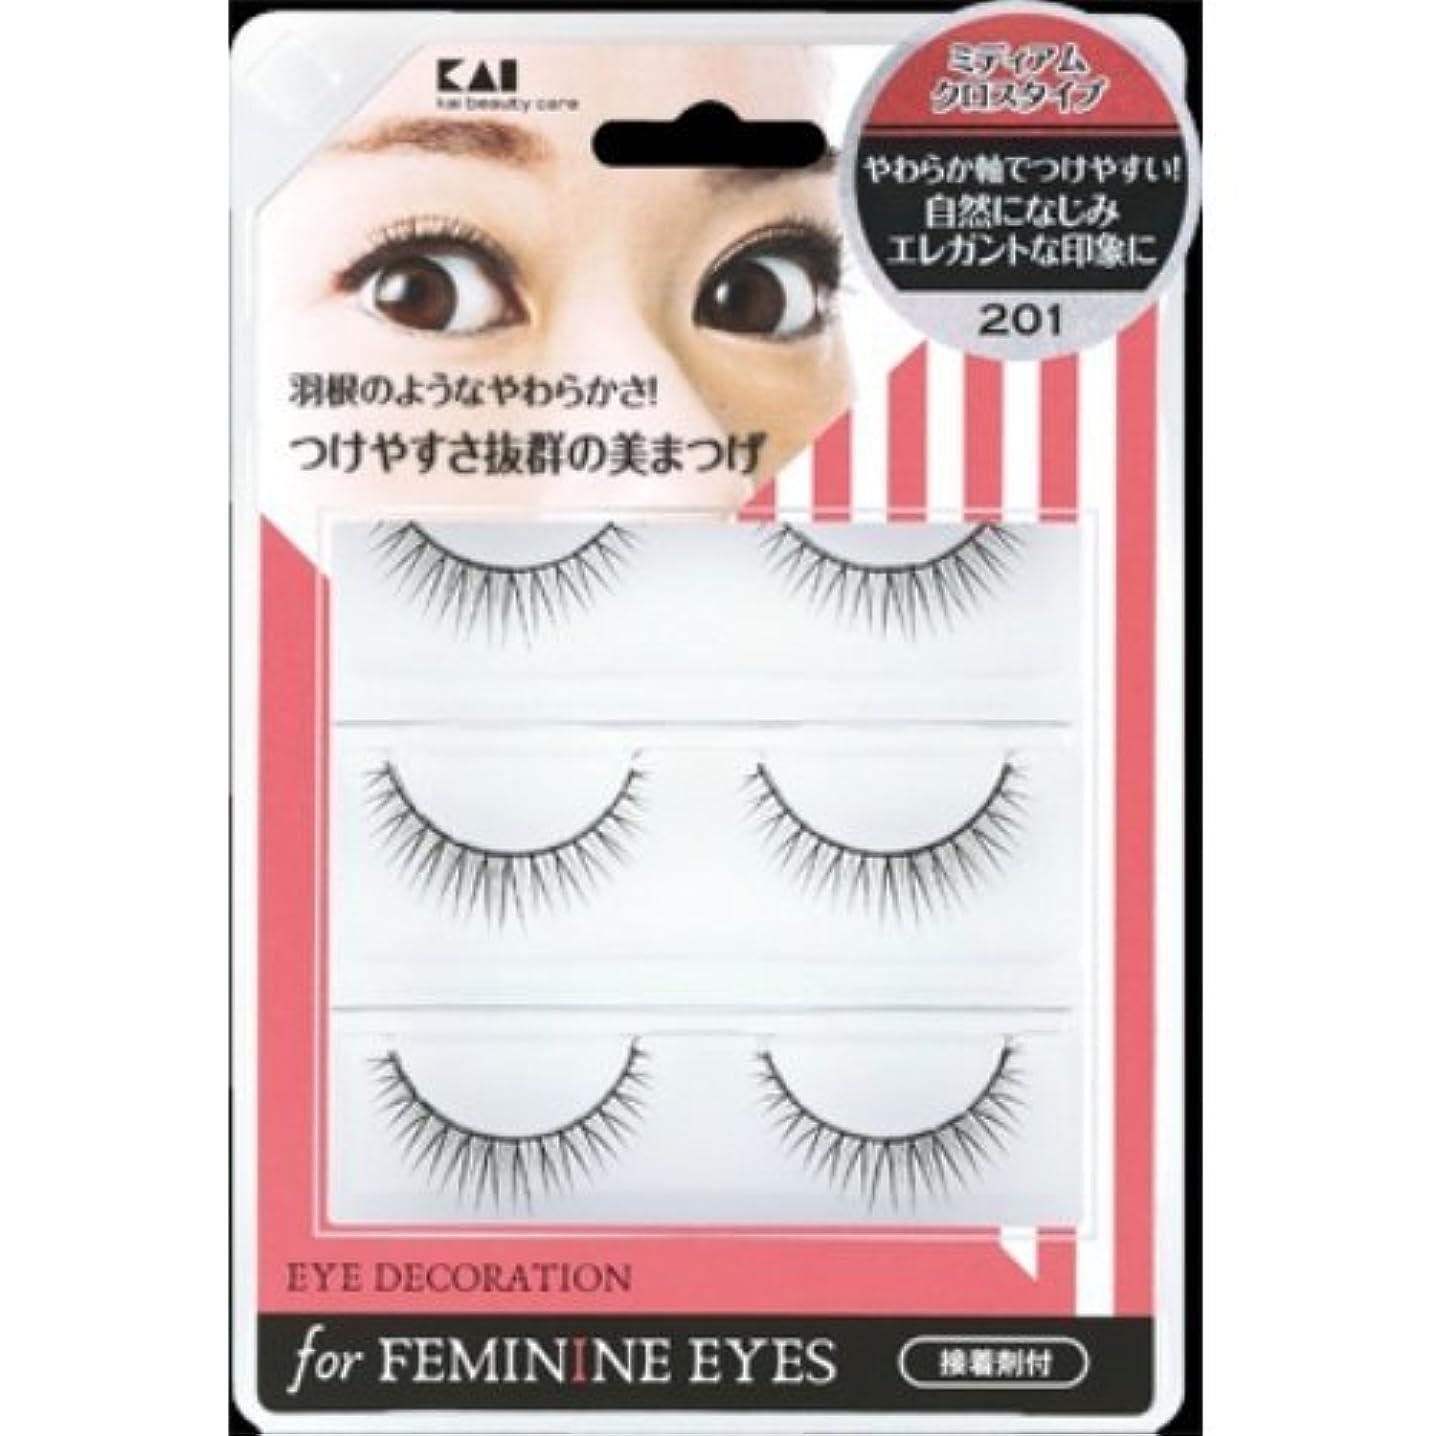 異常な生き返らせる妨げる貝印 アイデコレーション for feminine eyes 201 HC1558